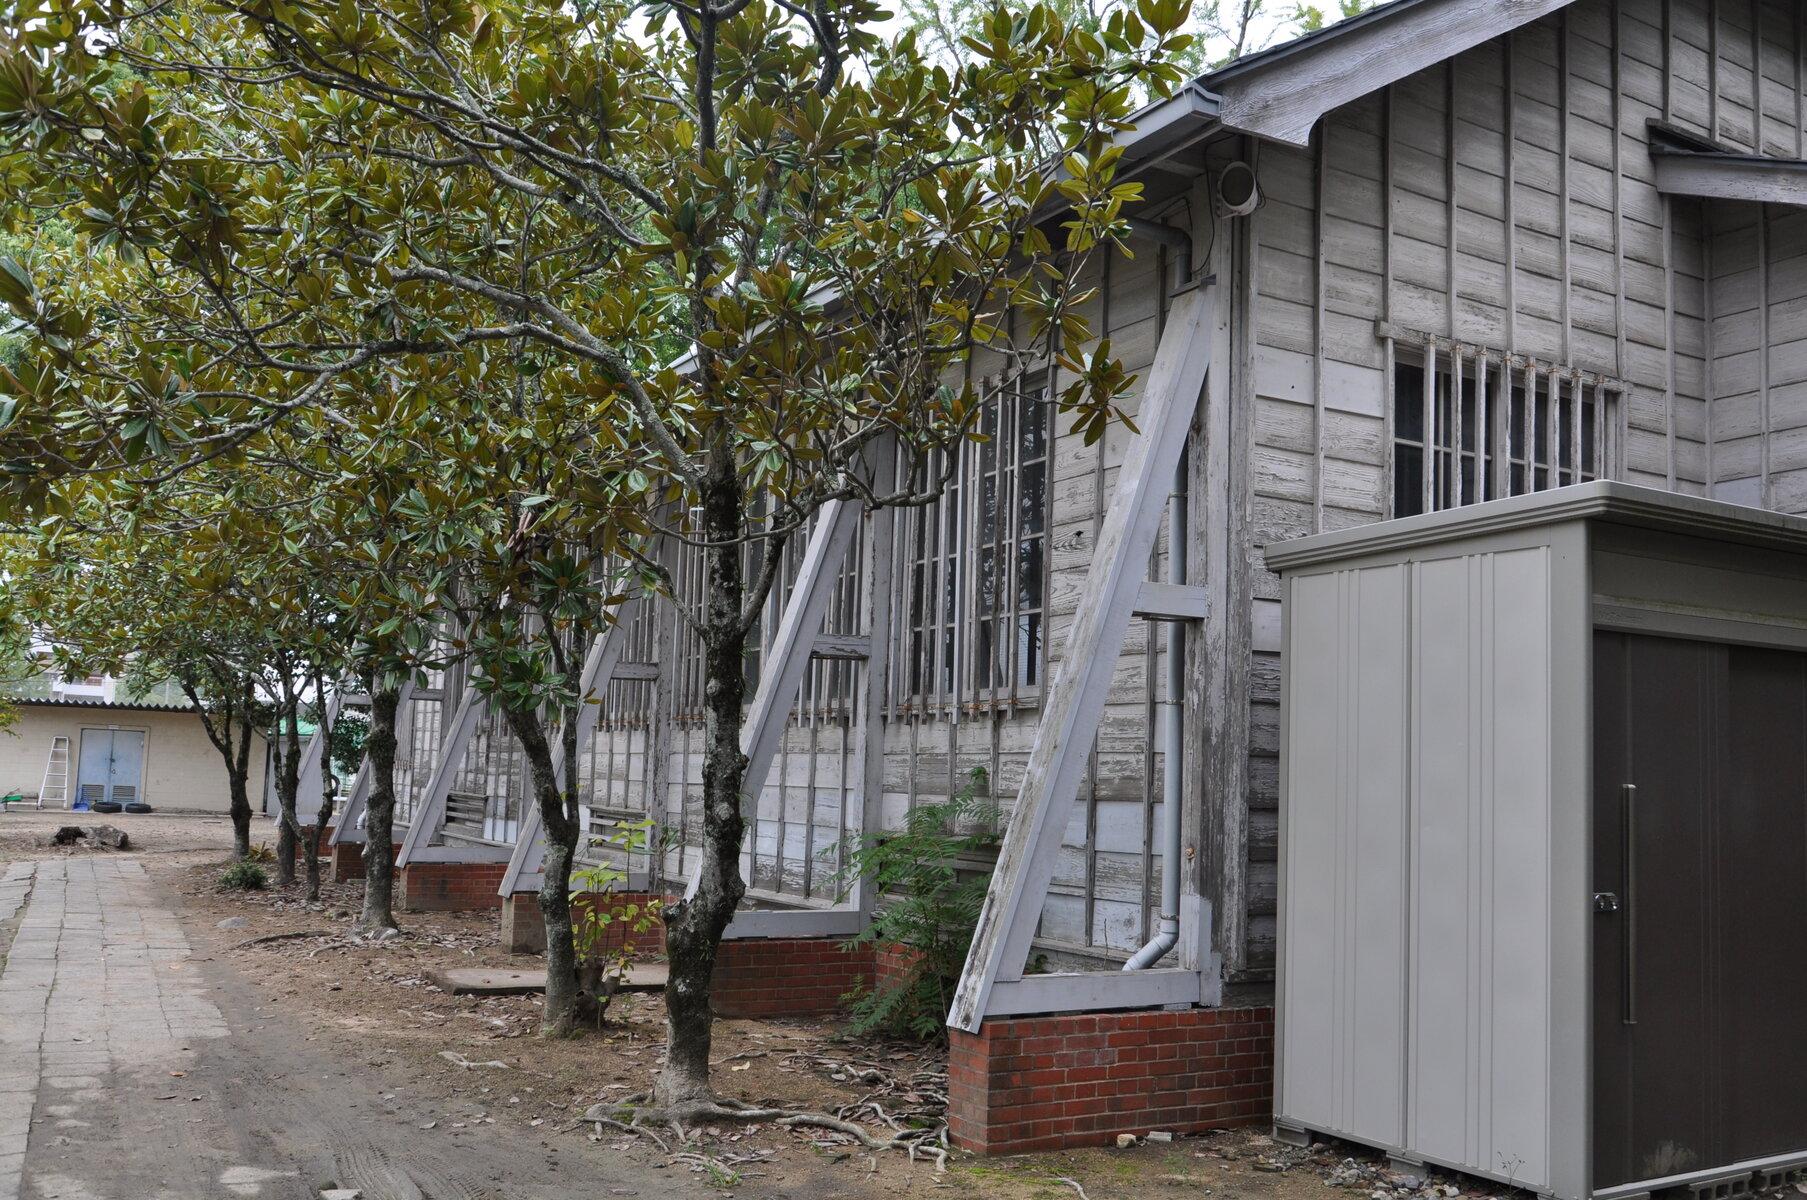 岡山市中区 旧制第六高等学校の建物 : 町並み散策と近代建築